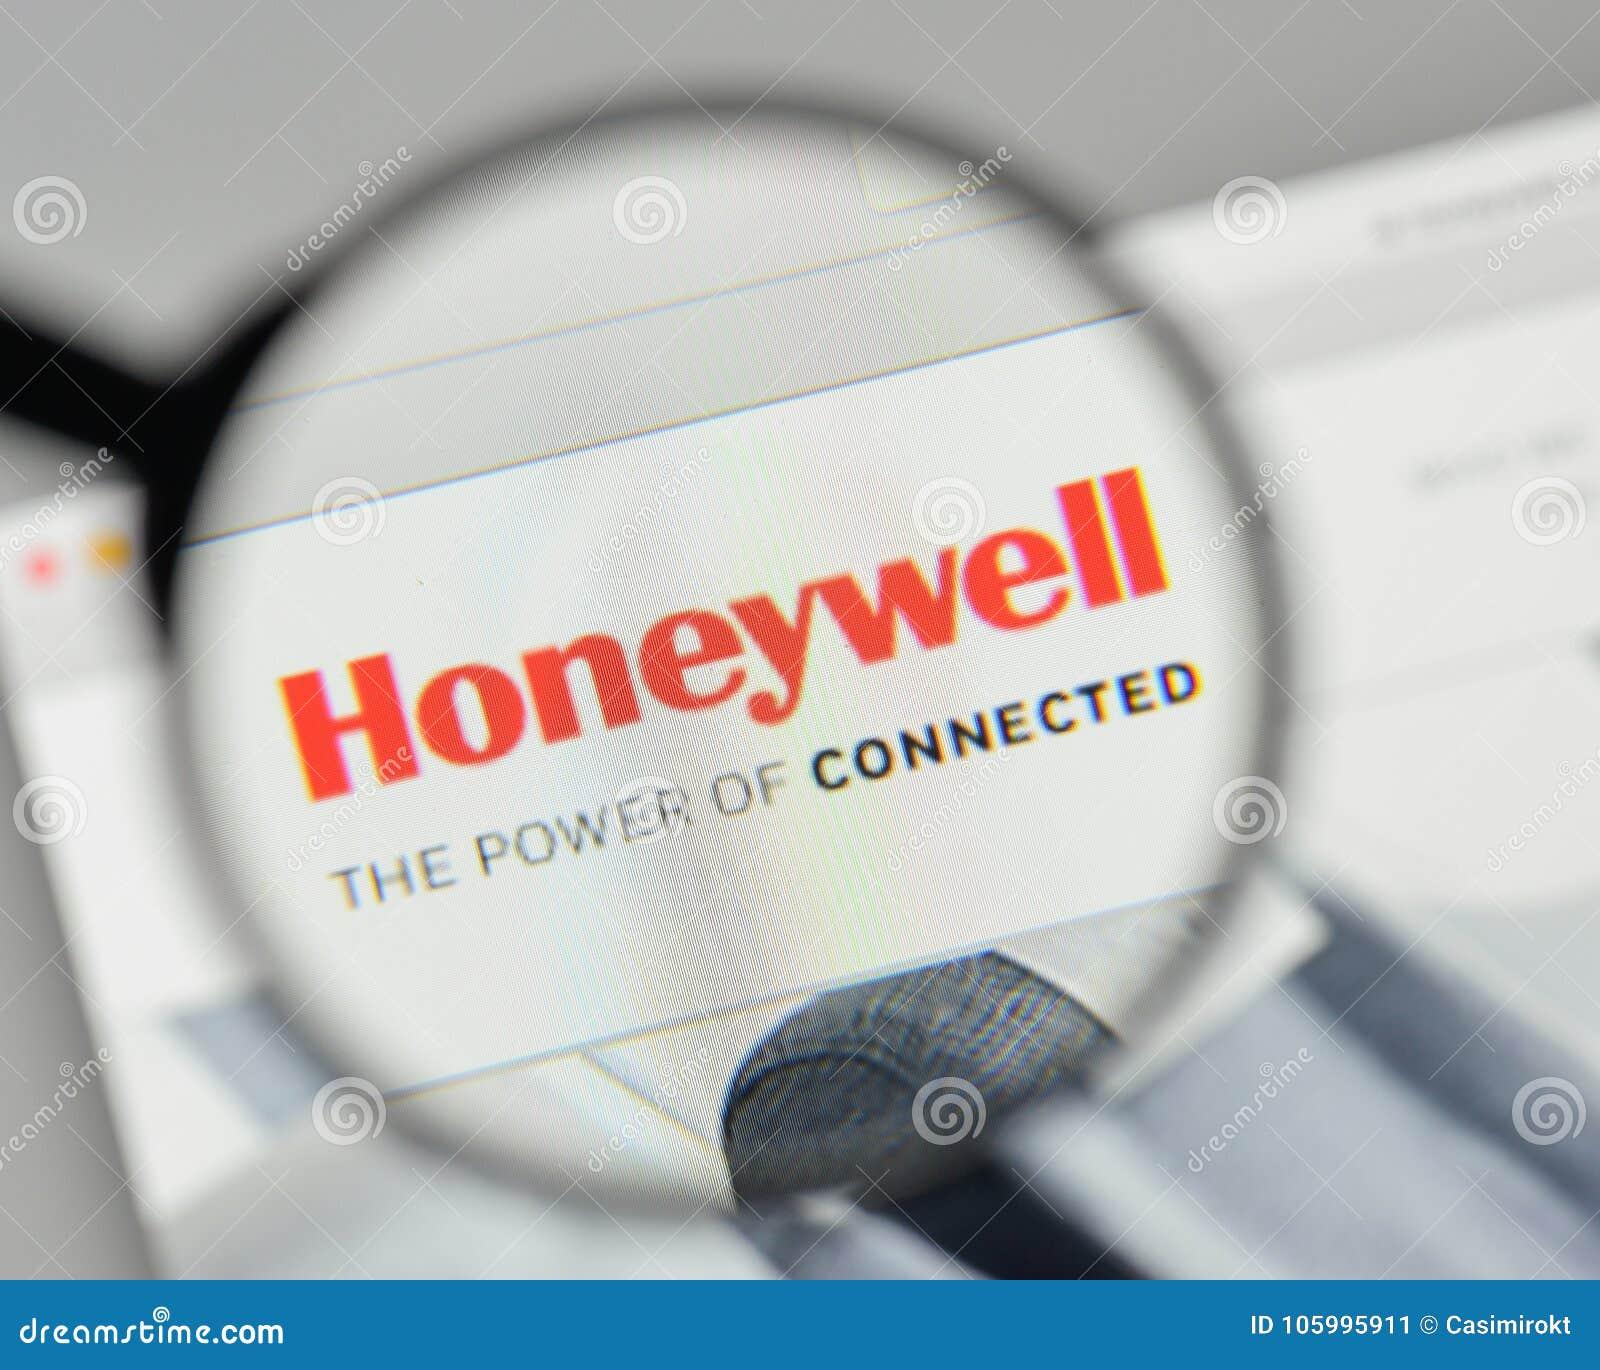 Milan, Italy - November 1, 2017: Honeywell Logo On The